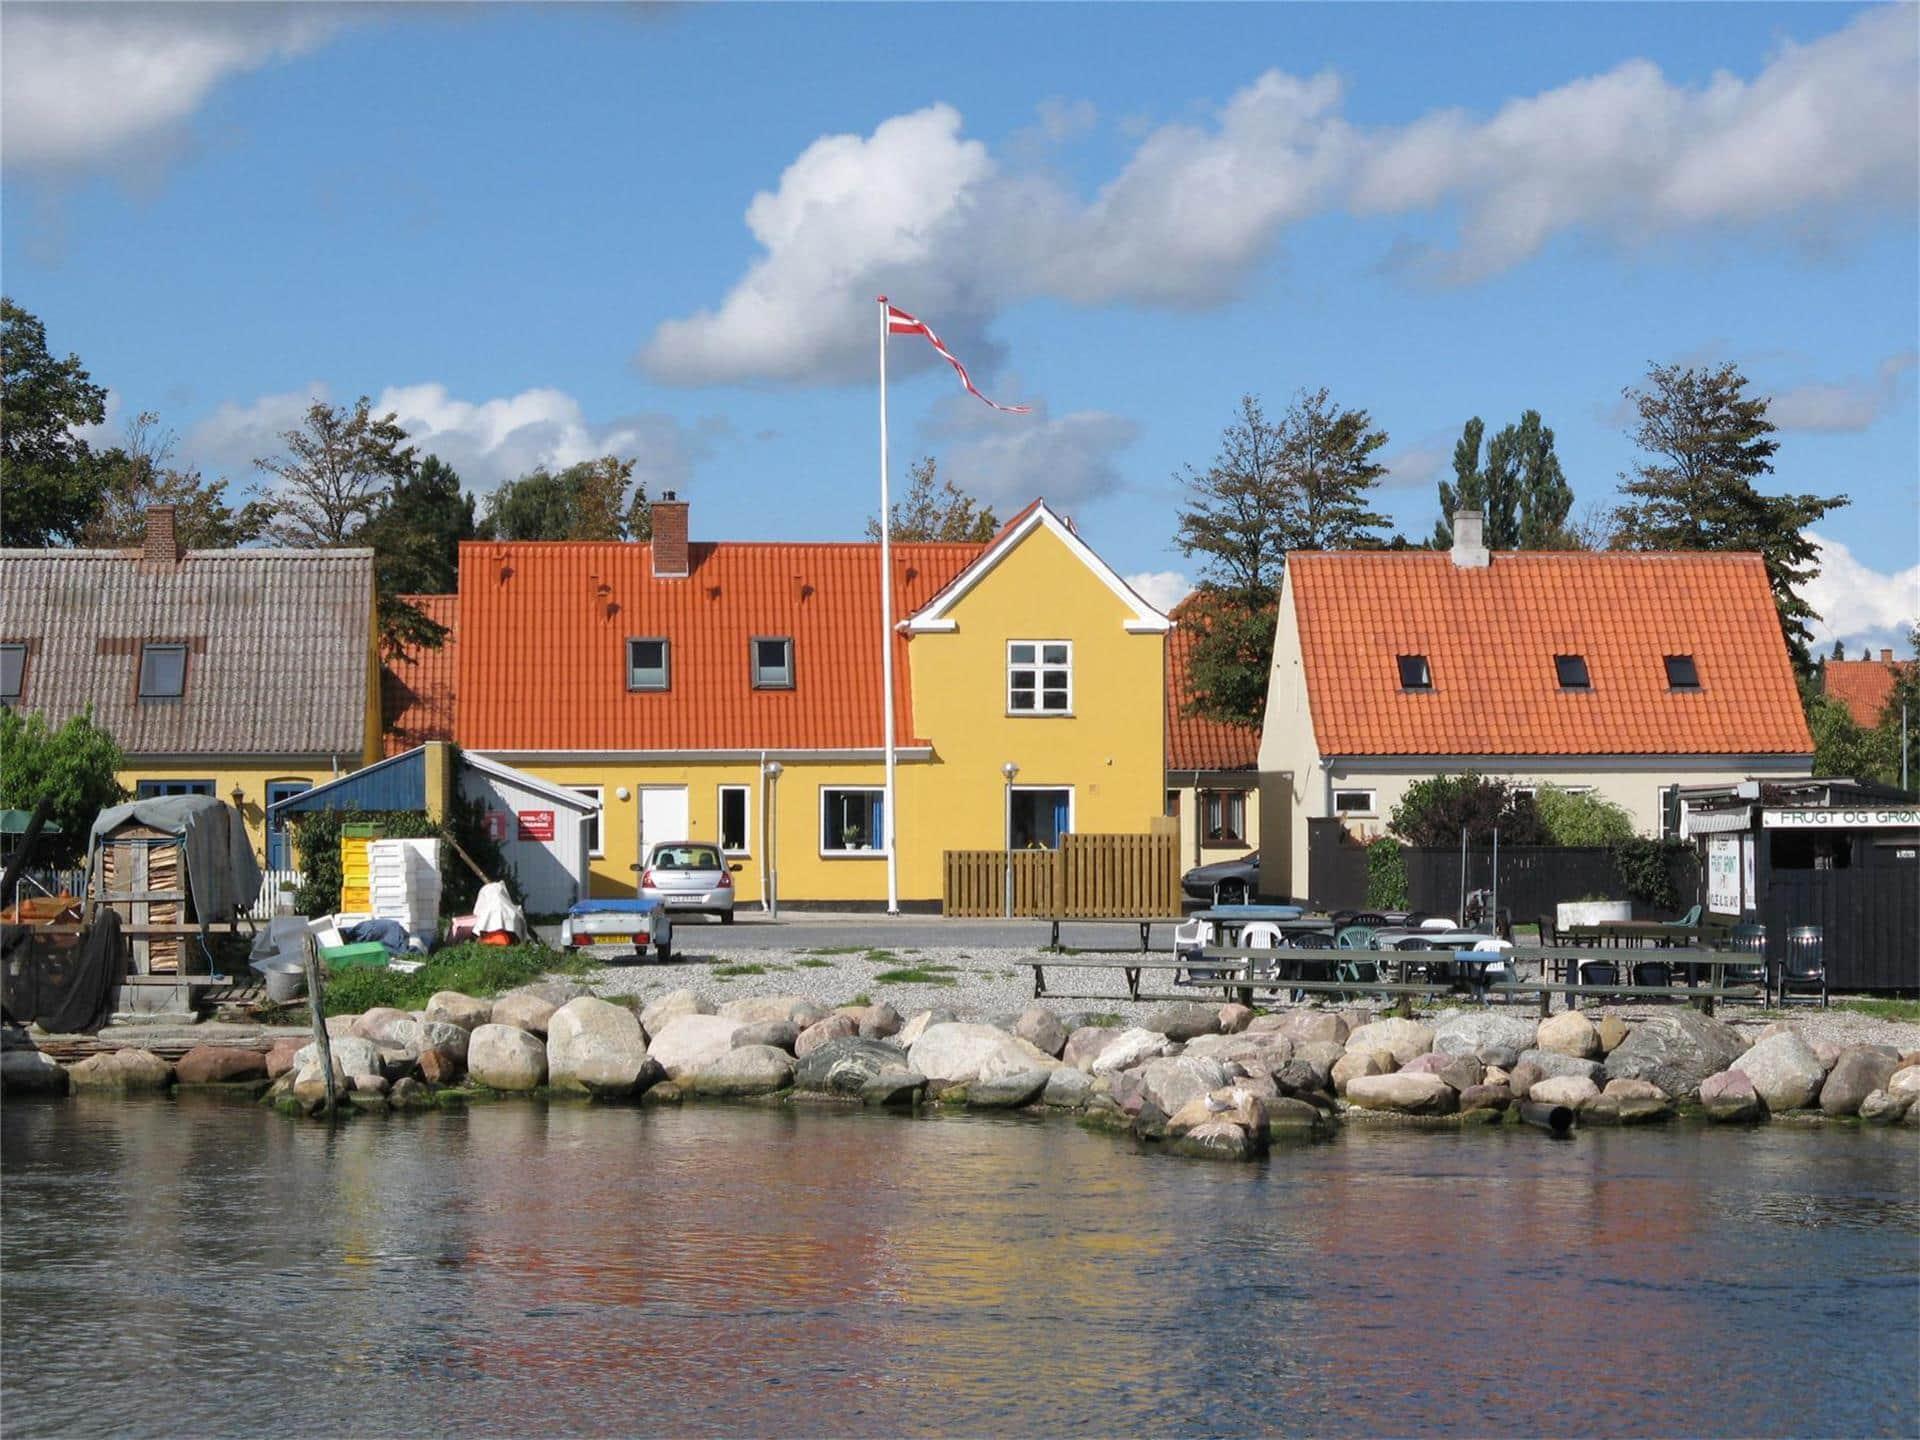 Billede 1-6 Sommerhus N033, Alleen 33, DK - 4736 Karrebæksminde